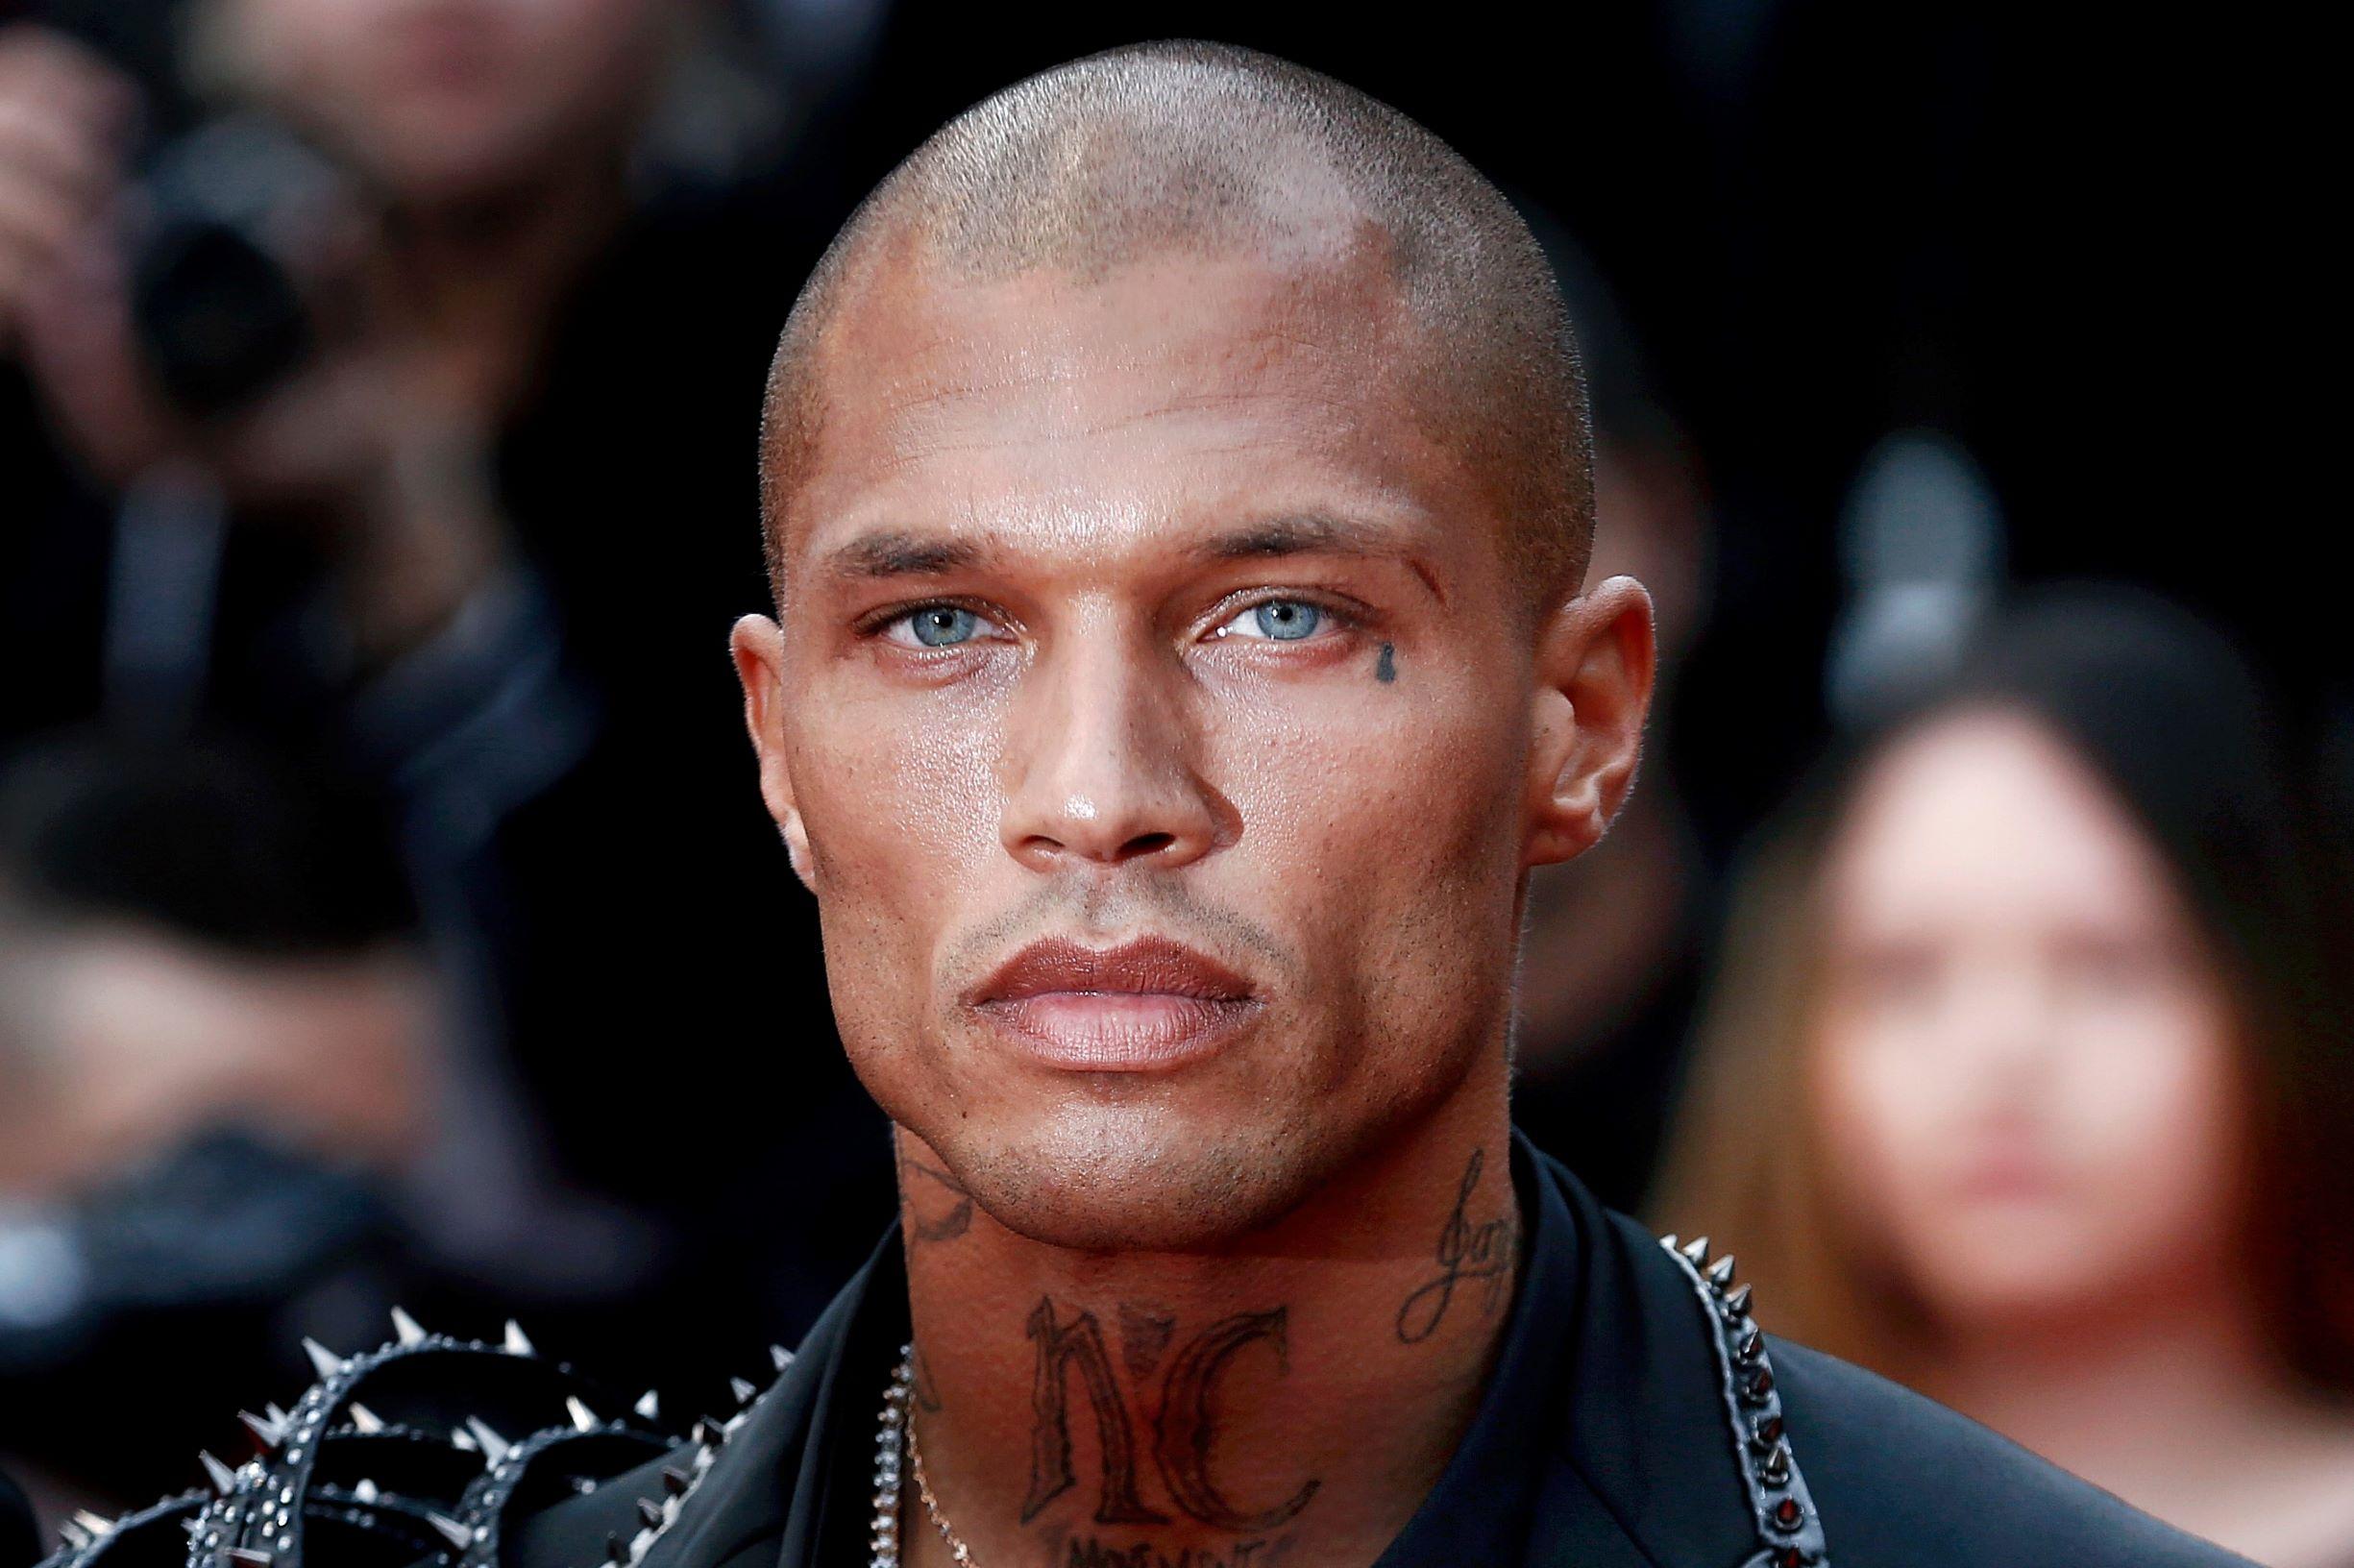 James Meeks Convict Model Teardrop Tattoo